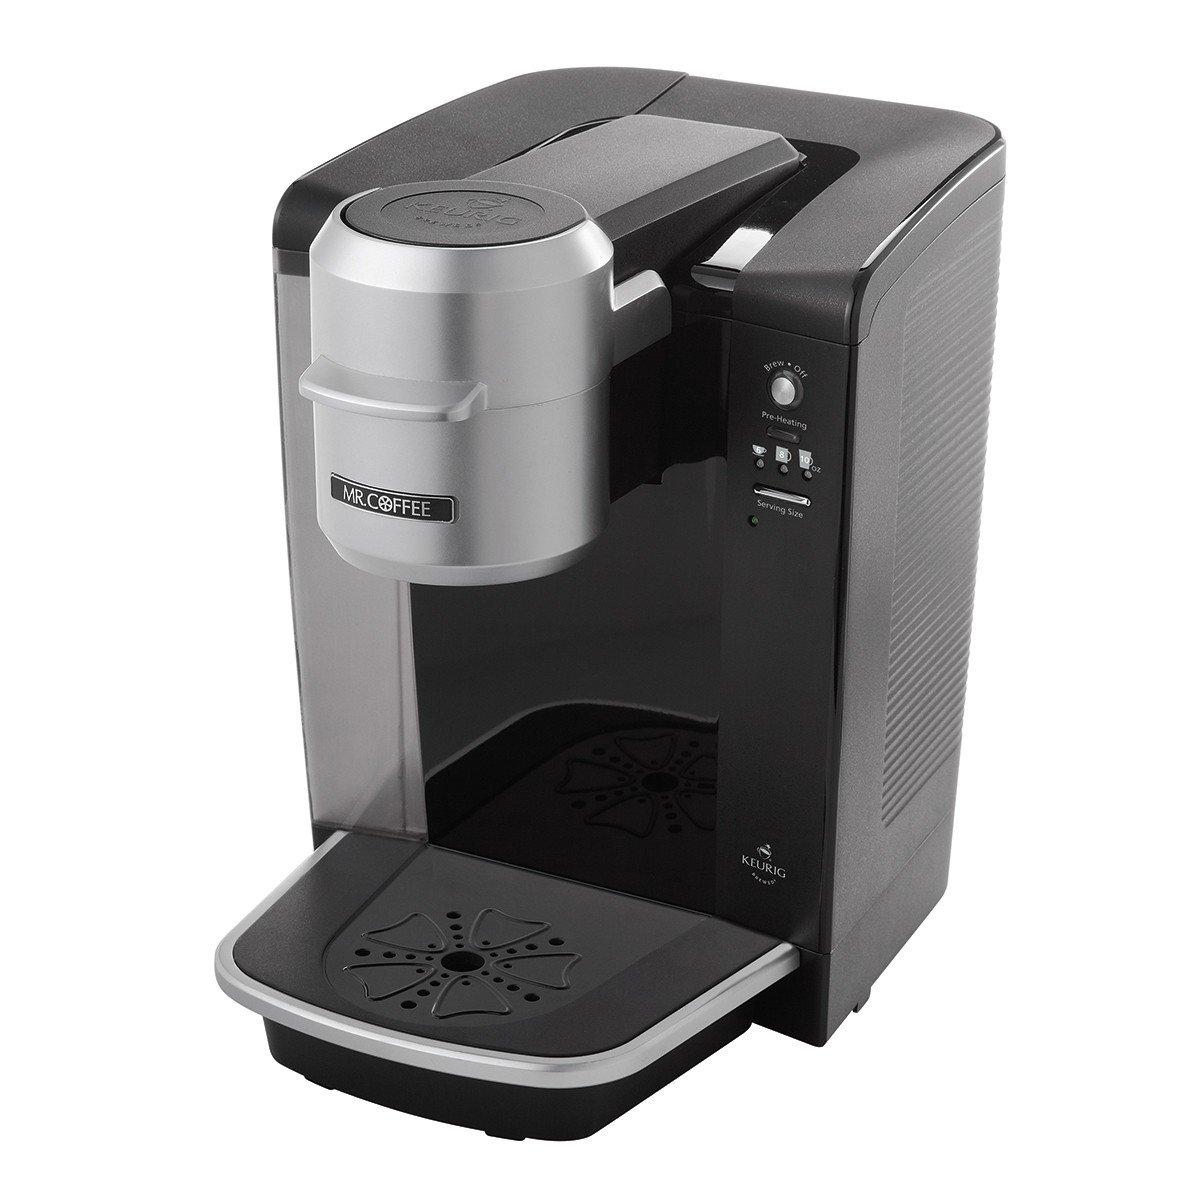 ... wiring diagram bvmc ehx20 1 jpg · com mr coffee single serve 40 oz  coffee brewer black single serve brewing machines kitchen dining ...